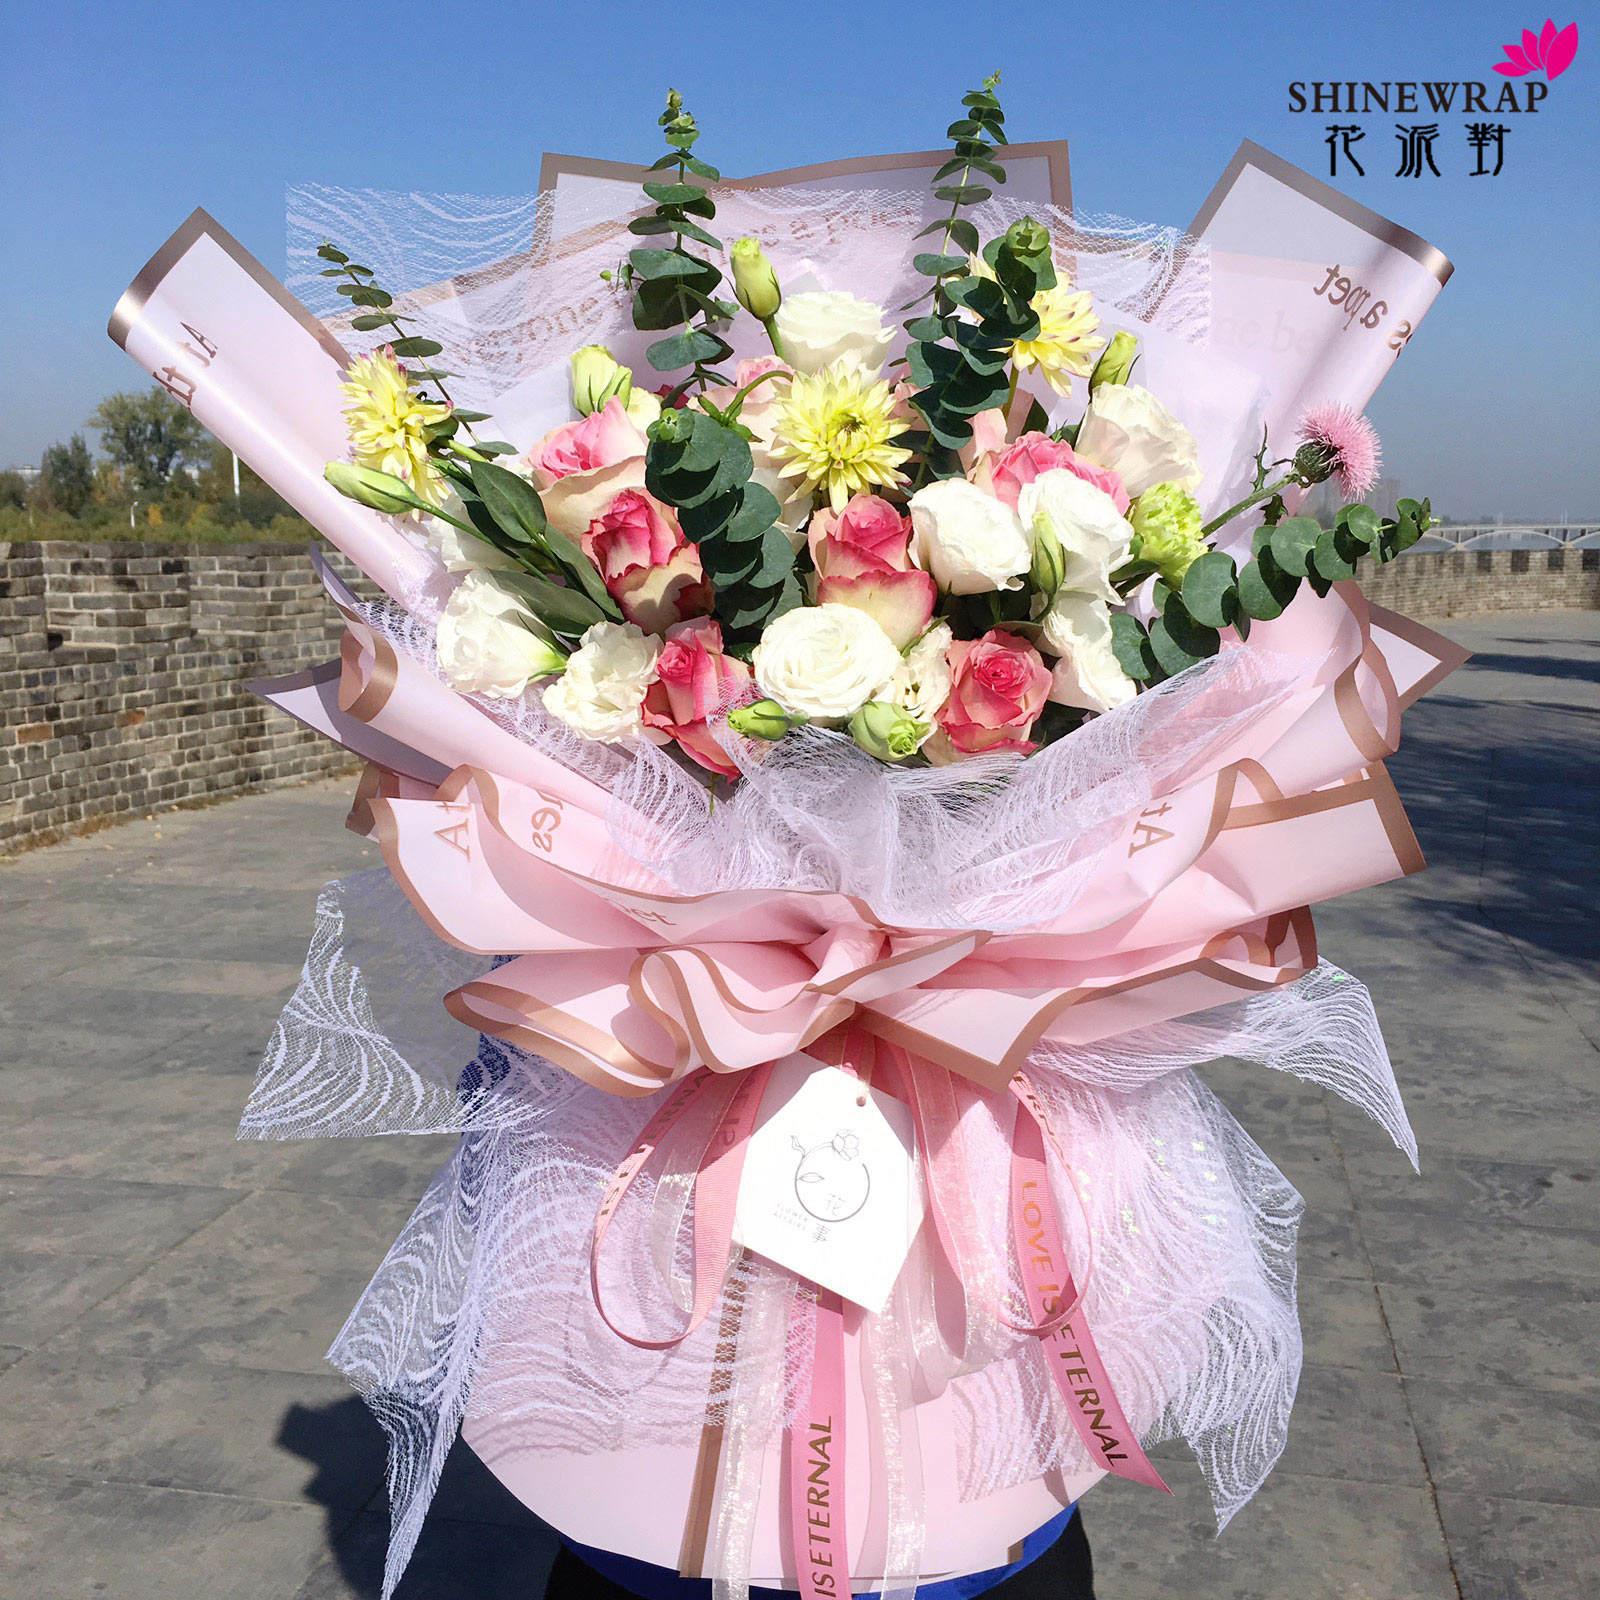 Deco poli renkli örgü Polyester örgü ruloları çiçek sarma örgü doku hediye dostu yeniden kullanılabilir ambalaj kağıdı